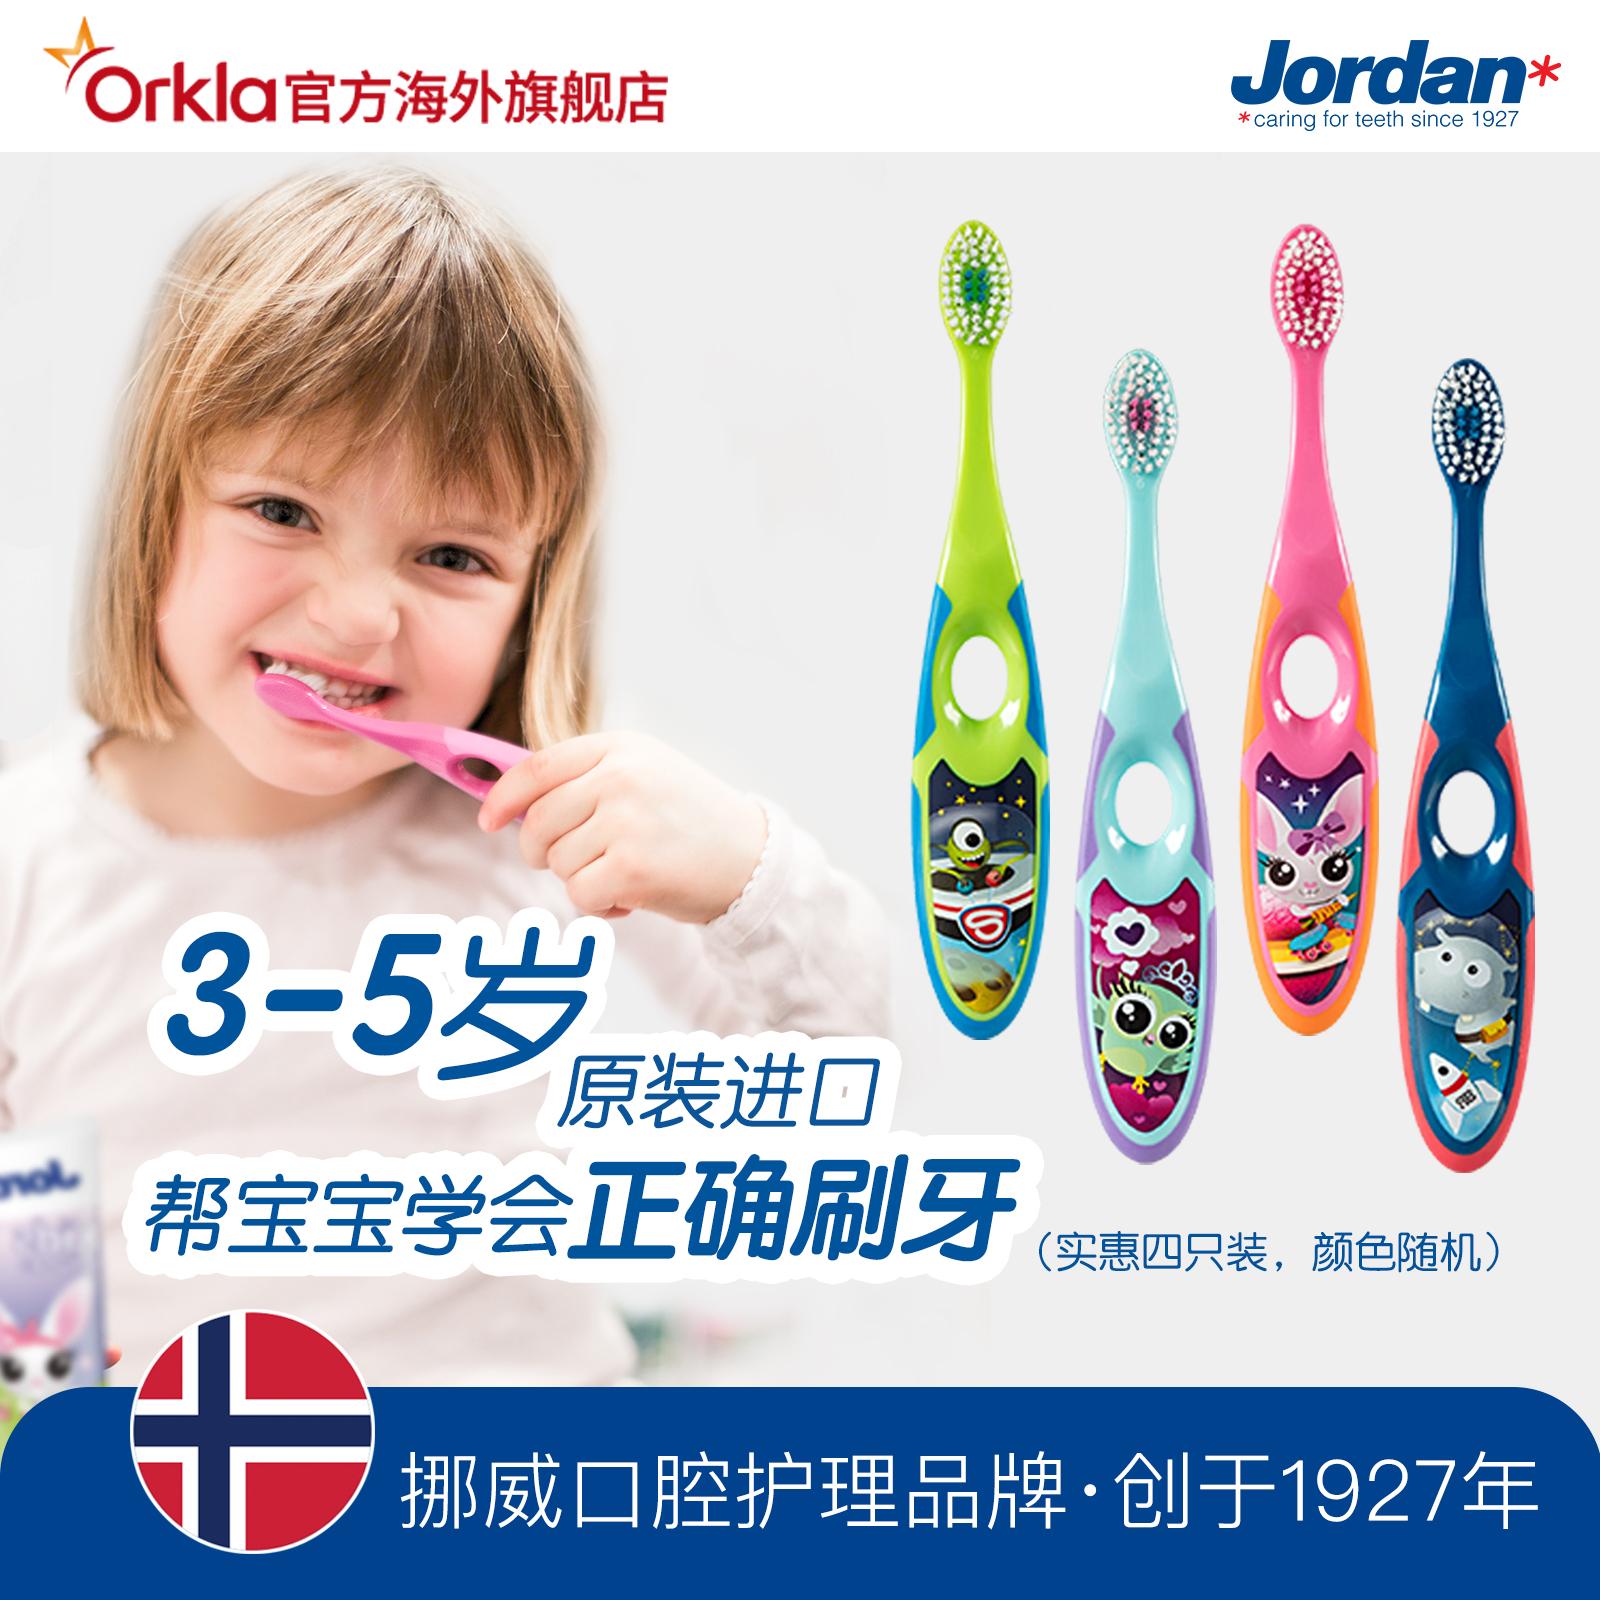 挪威Jordan3-4-5岁进口宝宝儿童专用护牙清洁训练软毛牙刷*4支